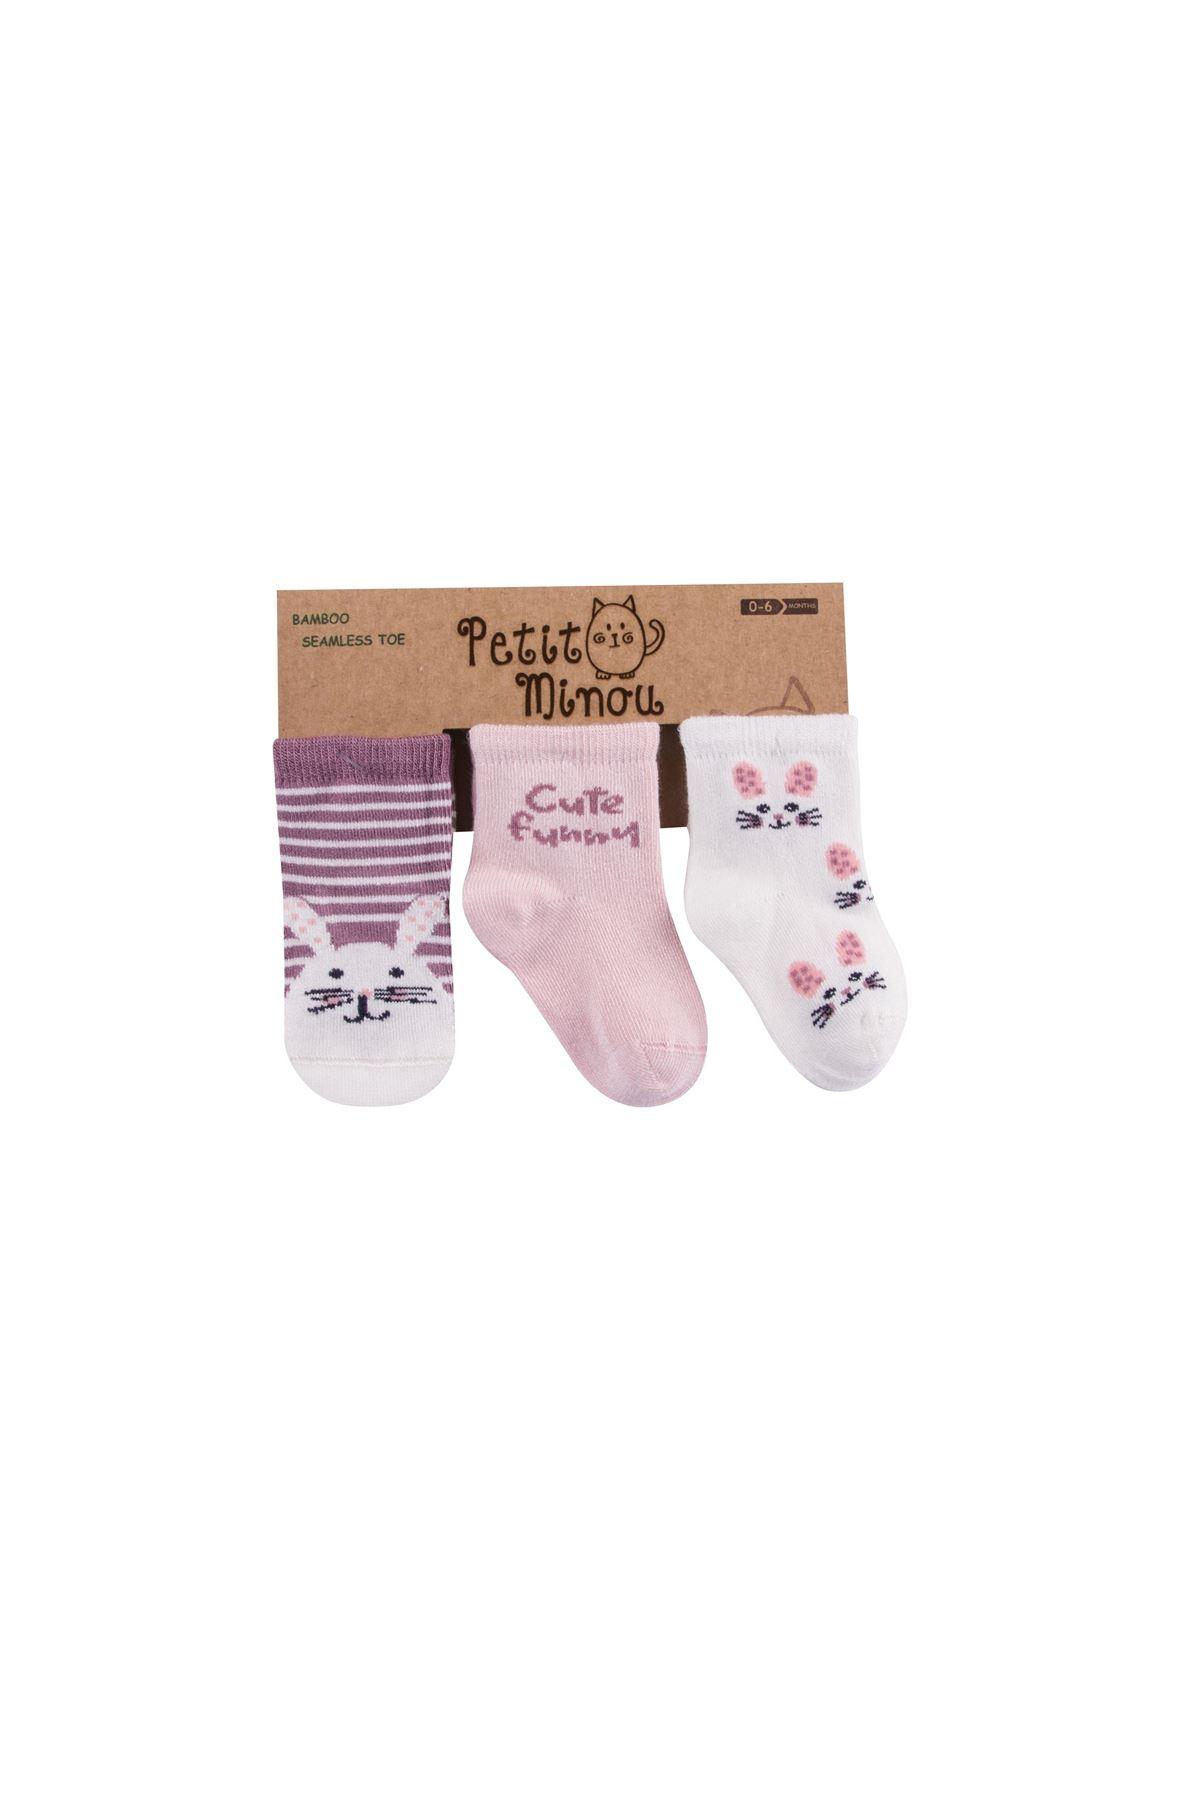 Step 3lü Cute Funny Soket Çorap 2107 Karışık Renkli